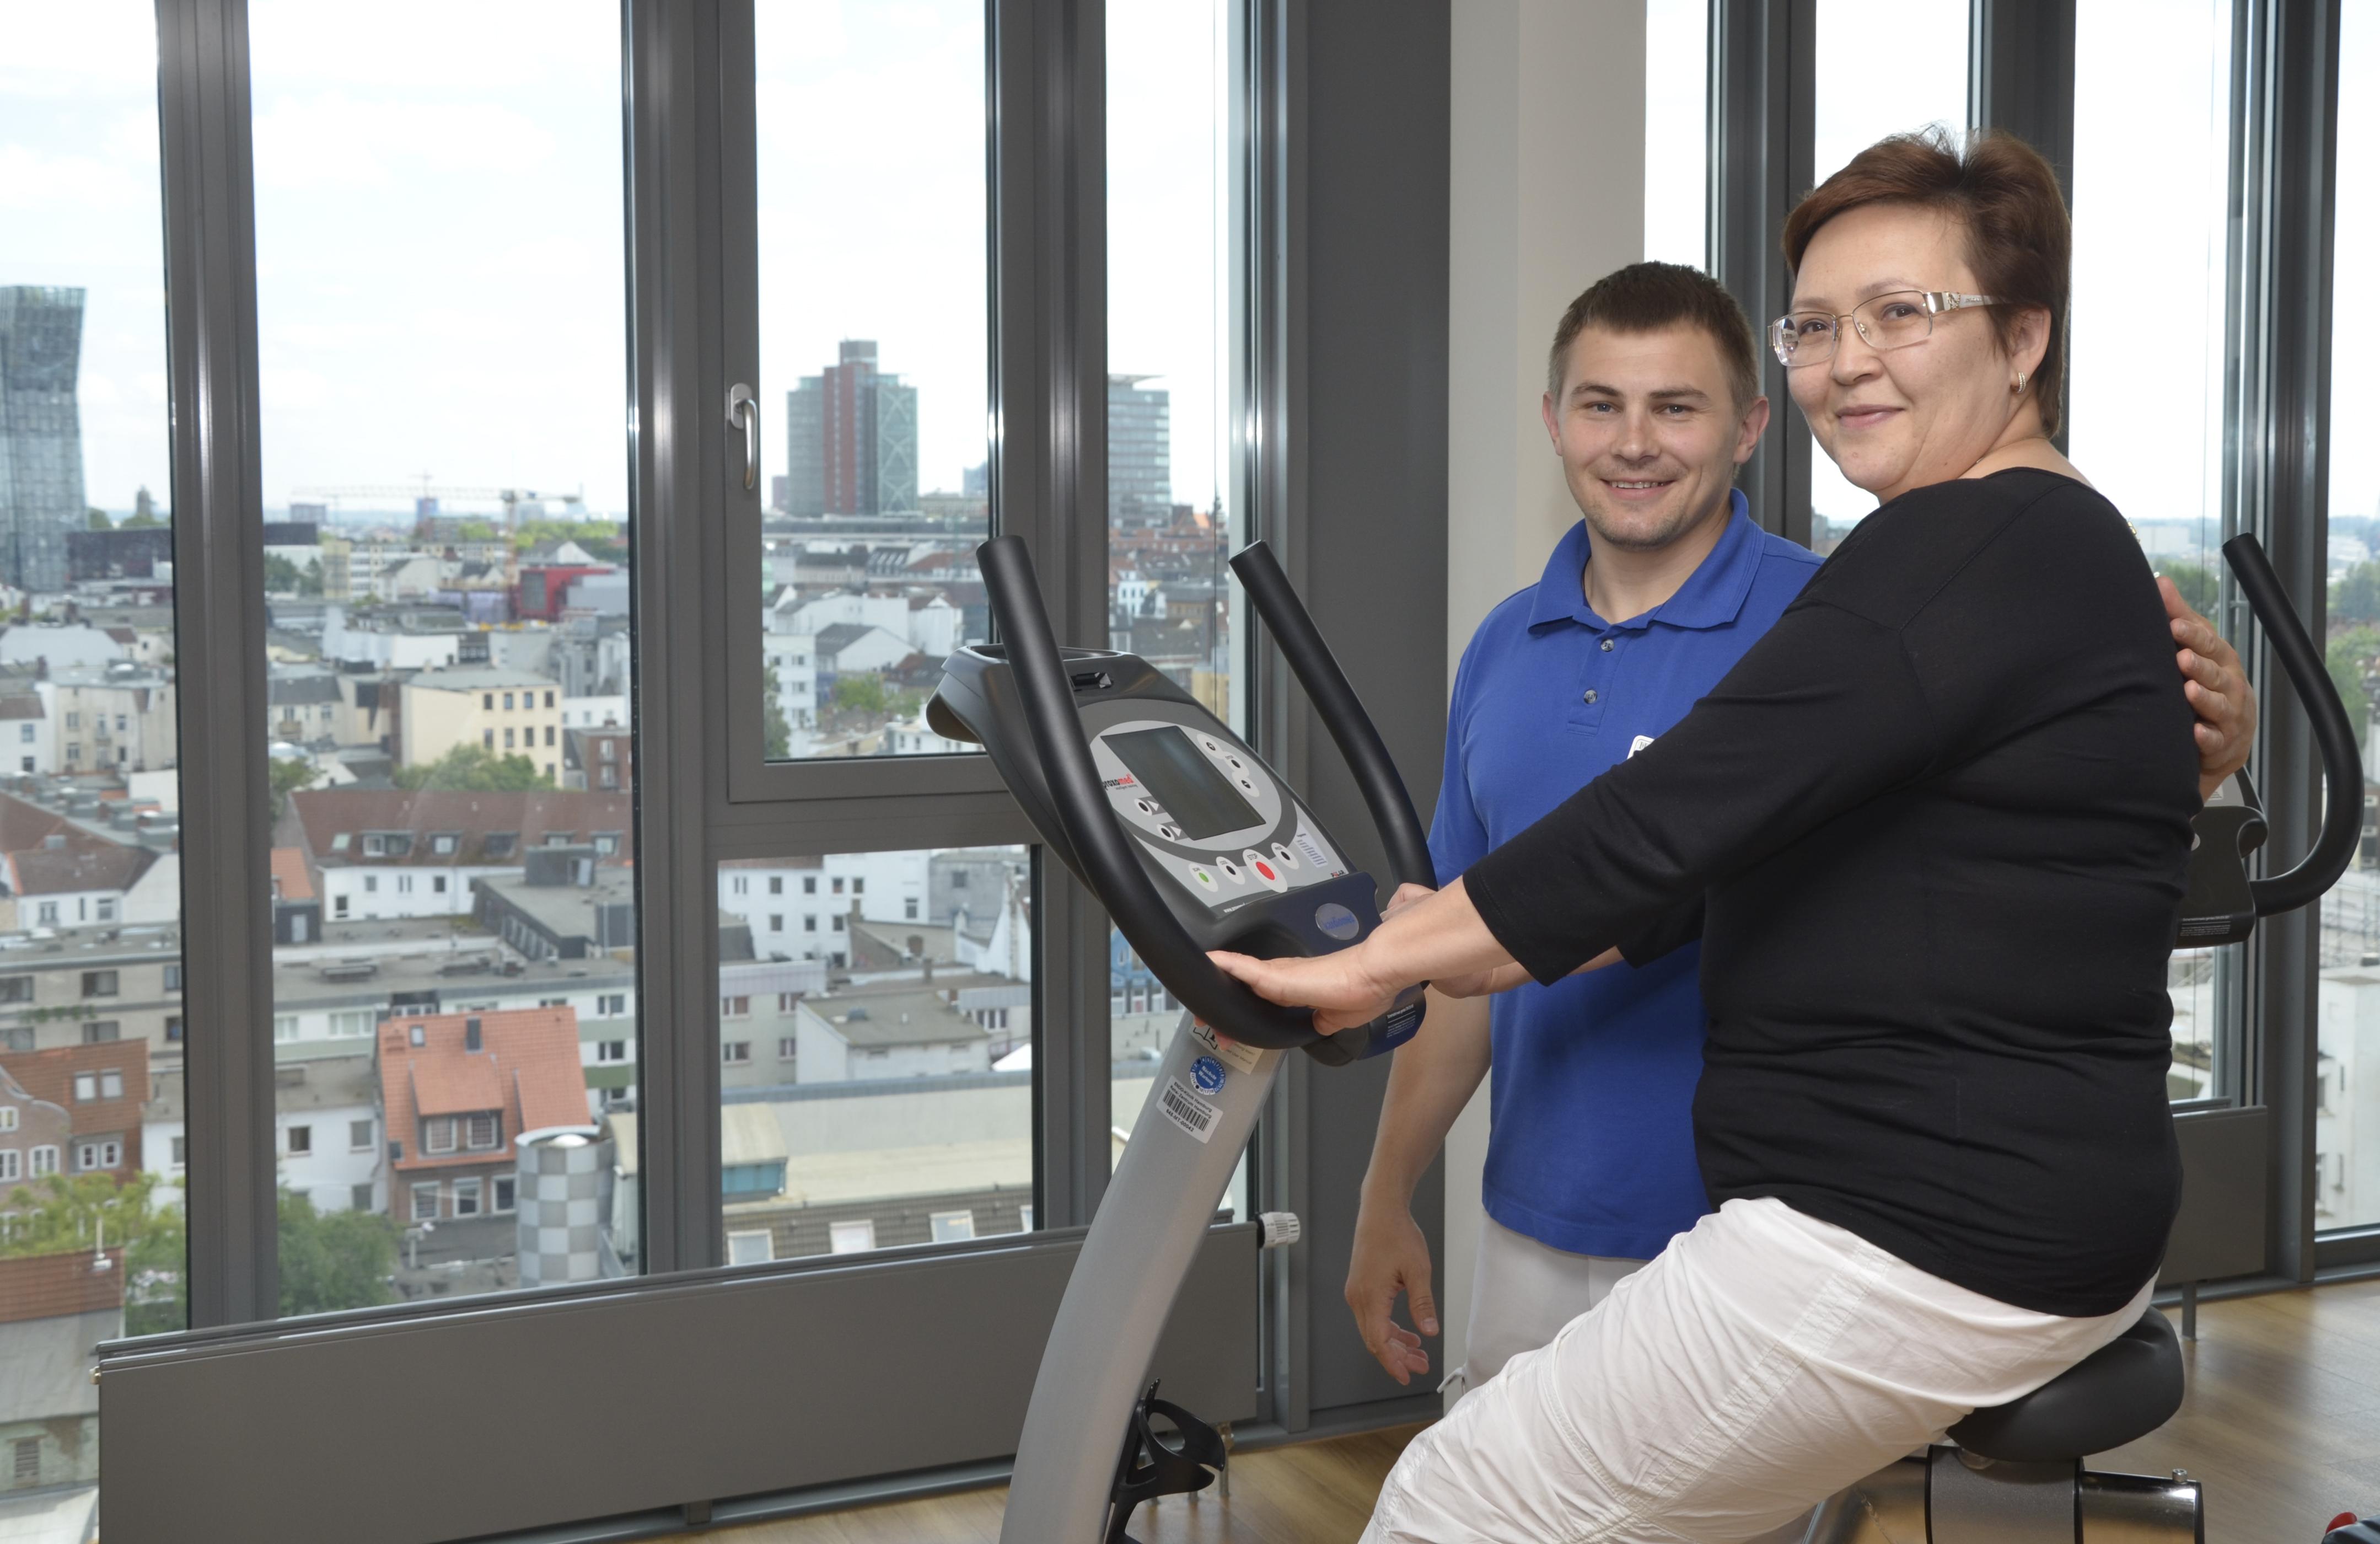 лечение суставов в германии клиники